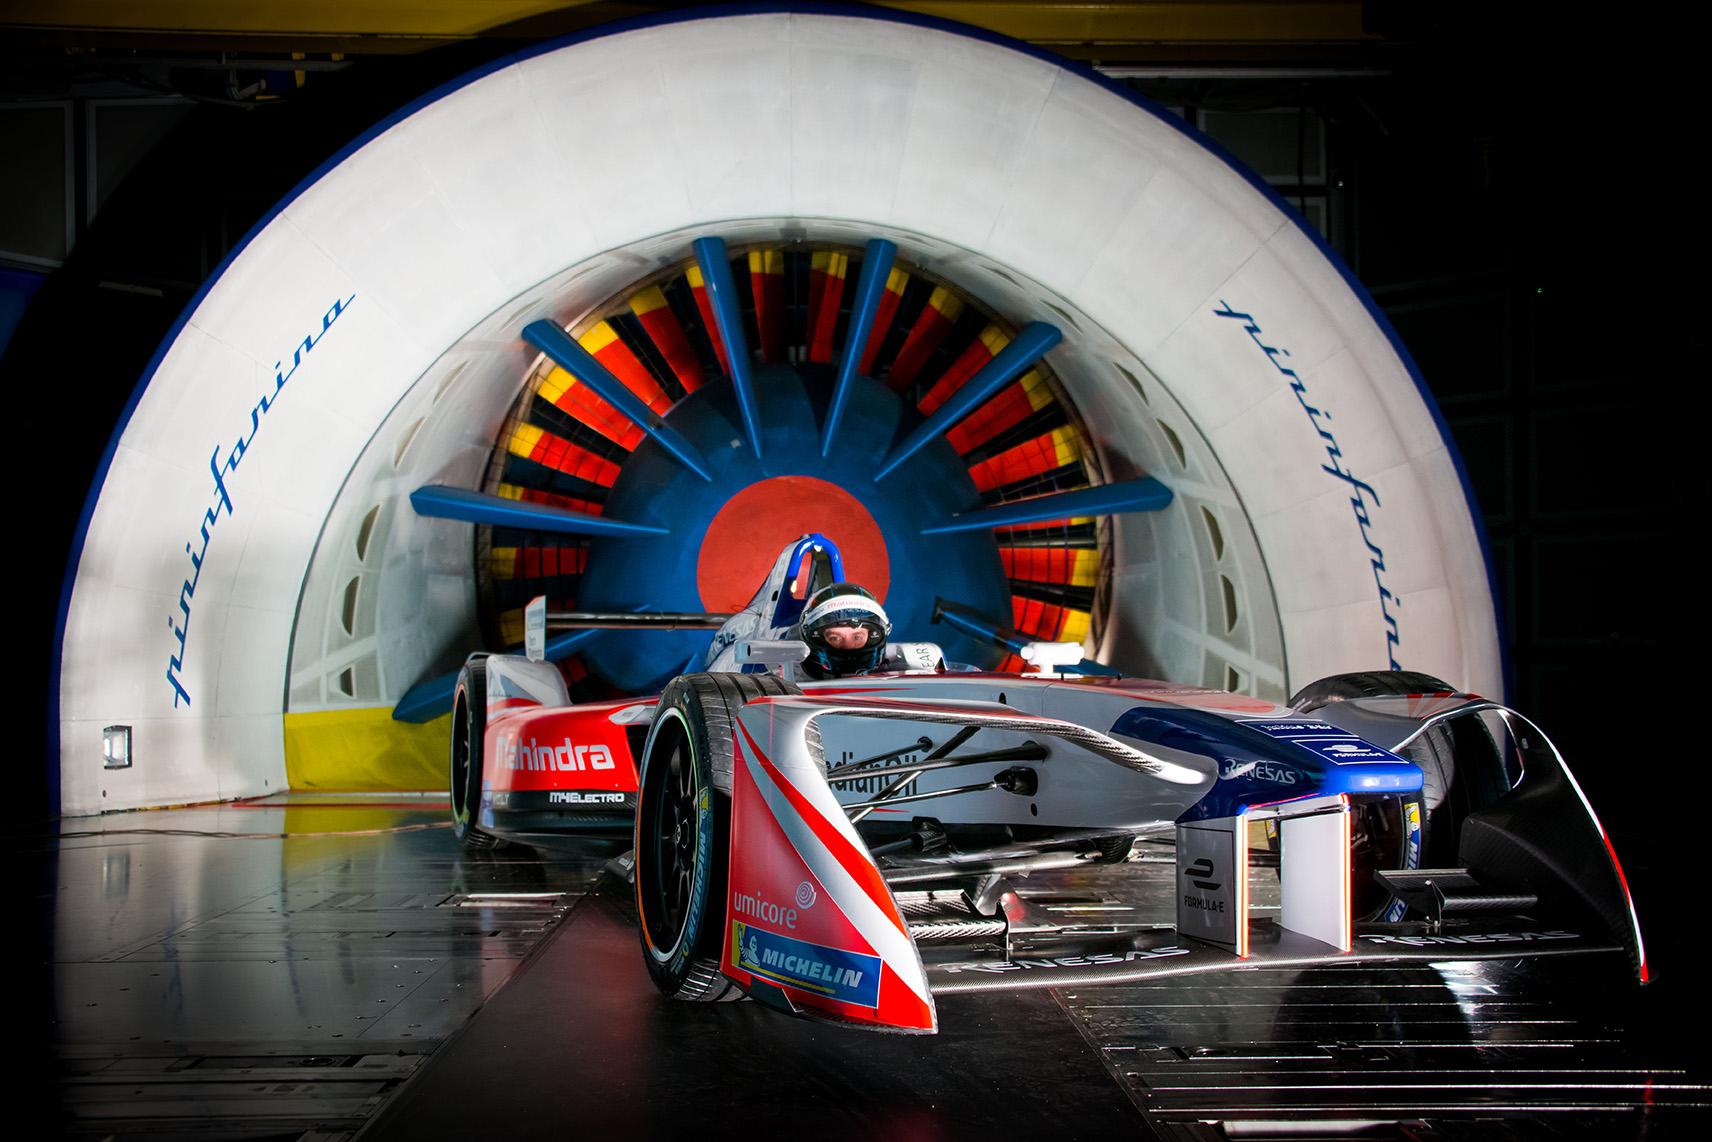 Spacesuit-Media-Marta-Rovatti-Studihrad-FIA-Formula-E-Mahindra-2018MGR_4661